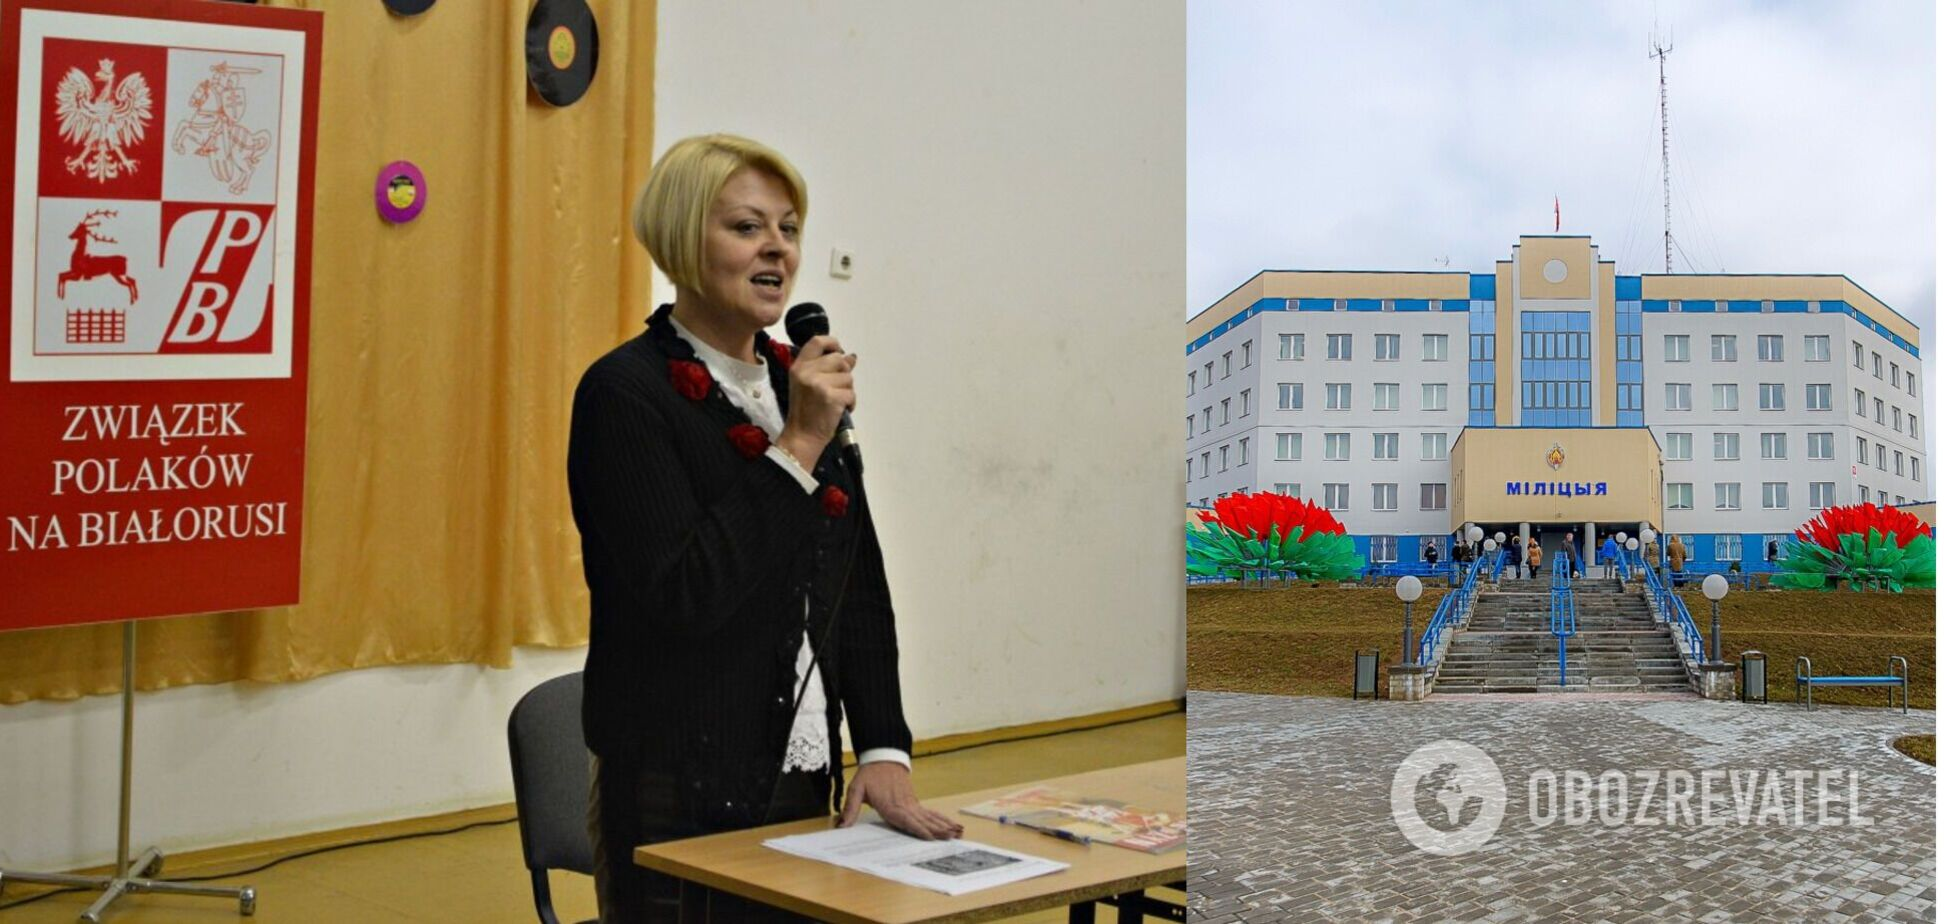 В Беларуси задержали главу Союза поляков: в МИД Польши вызвали посла